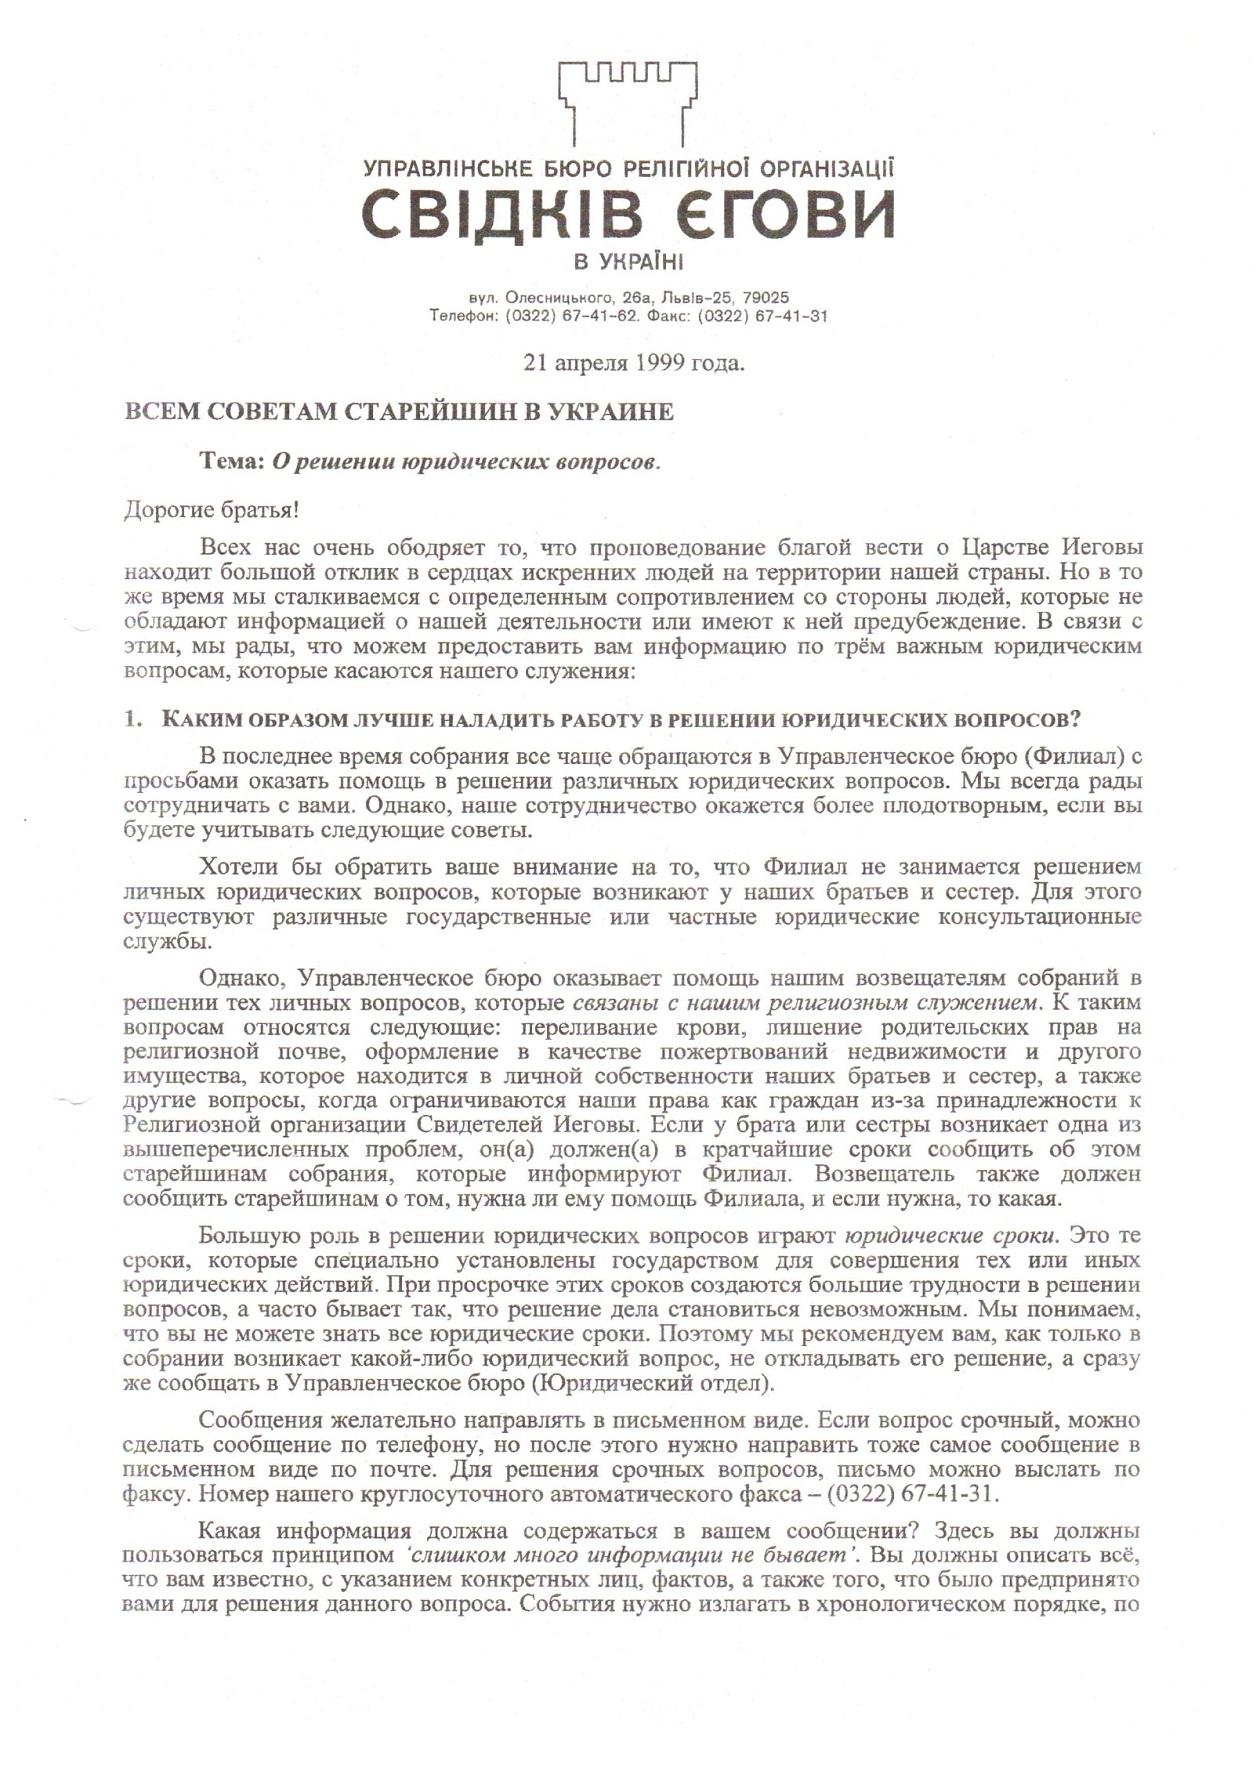 1999.04.21 (О негативных статьях в СМИ и авторских правах)_стр.1